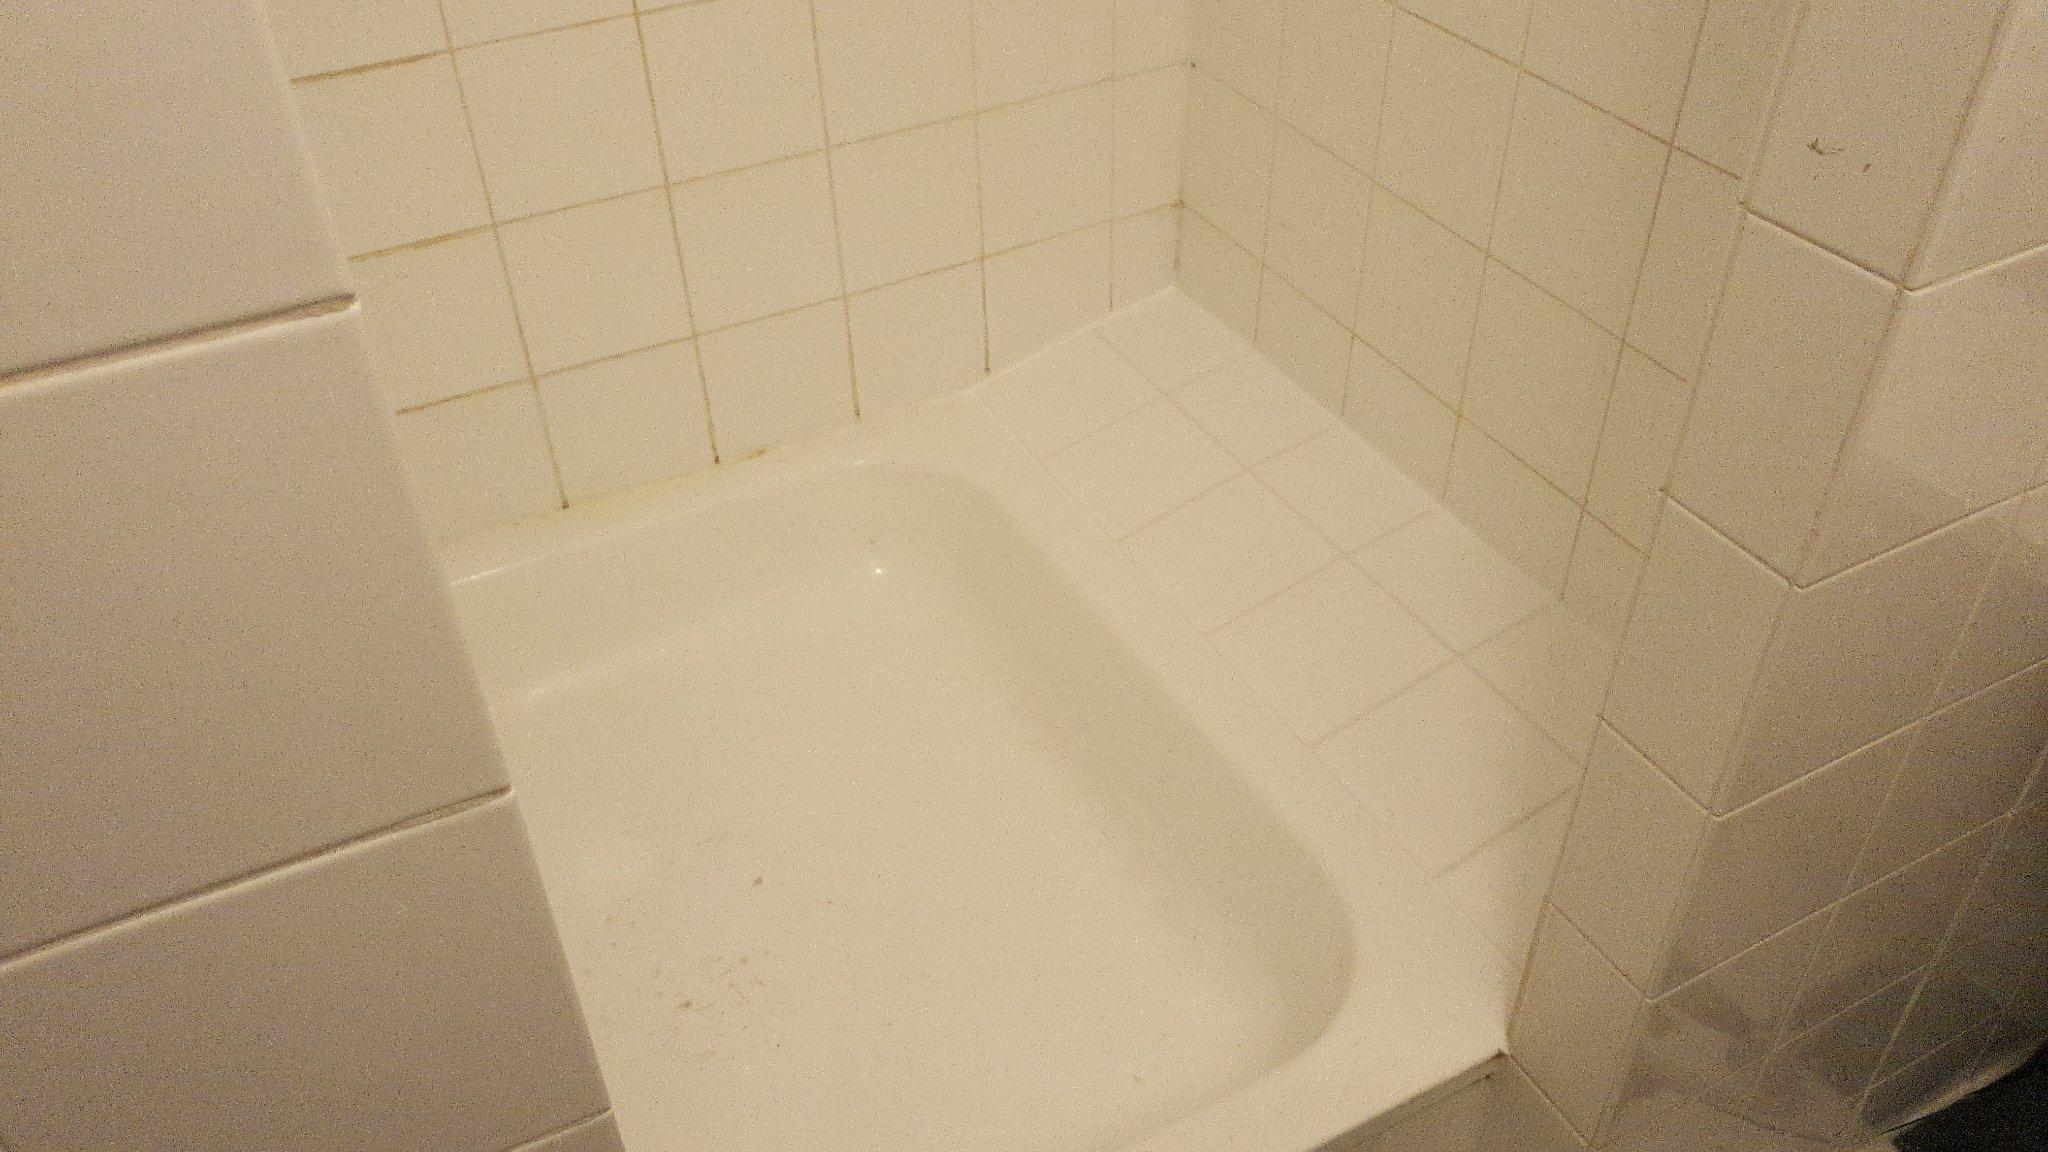 Renovatie Badkamer Tegels : Kleine renovatie badkamertegels 0.5m2 werkspot